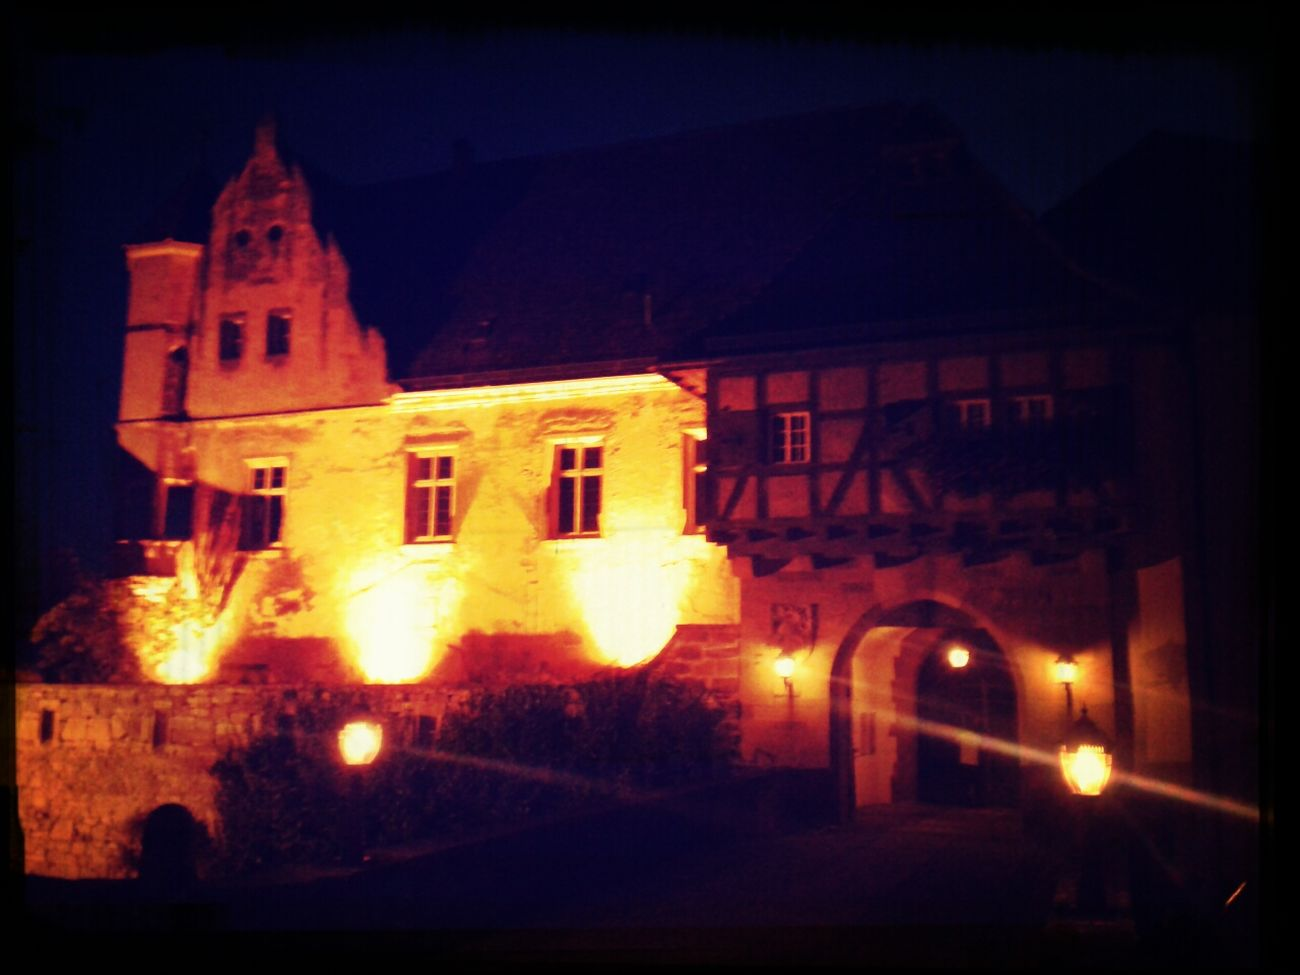 Nochmal die Burg :-D